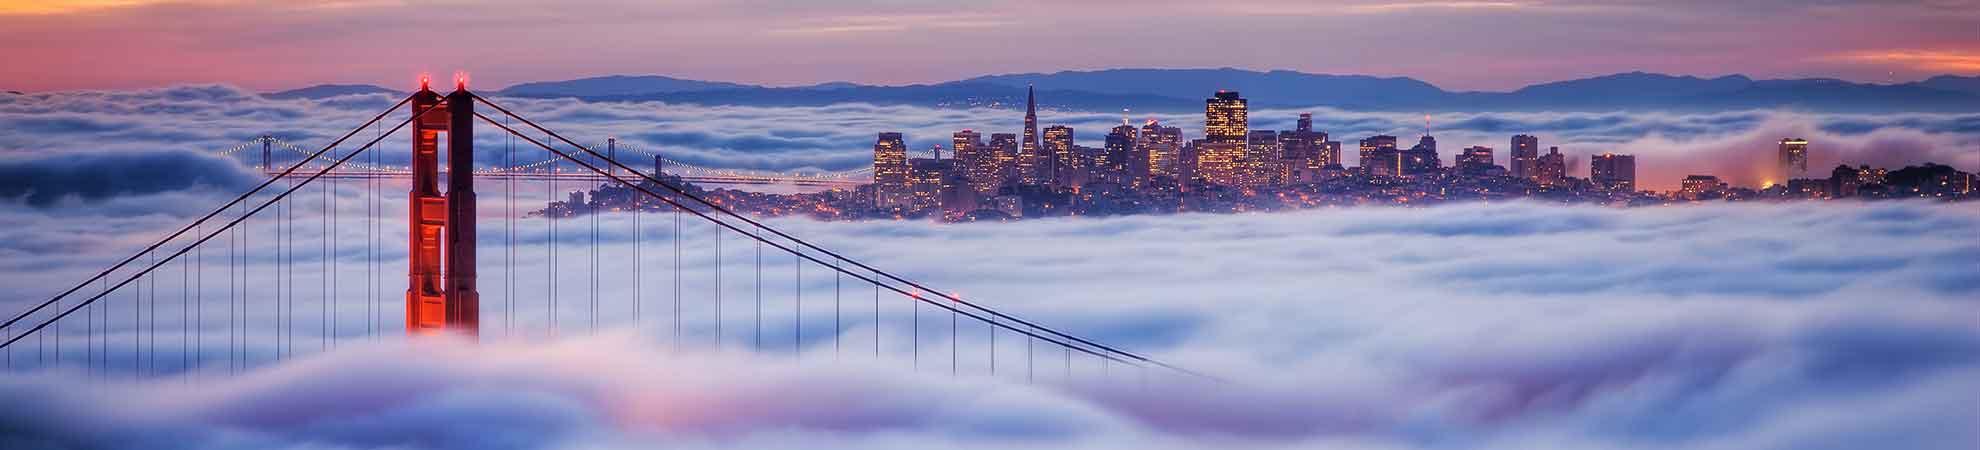 Vacances San Francisco - Ville du fameux Golden Gate